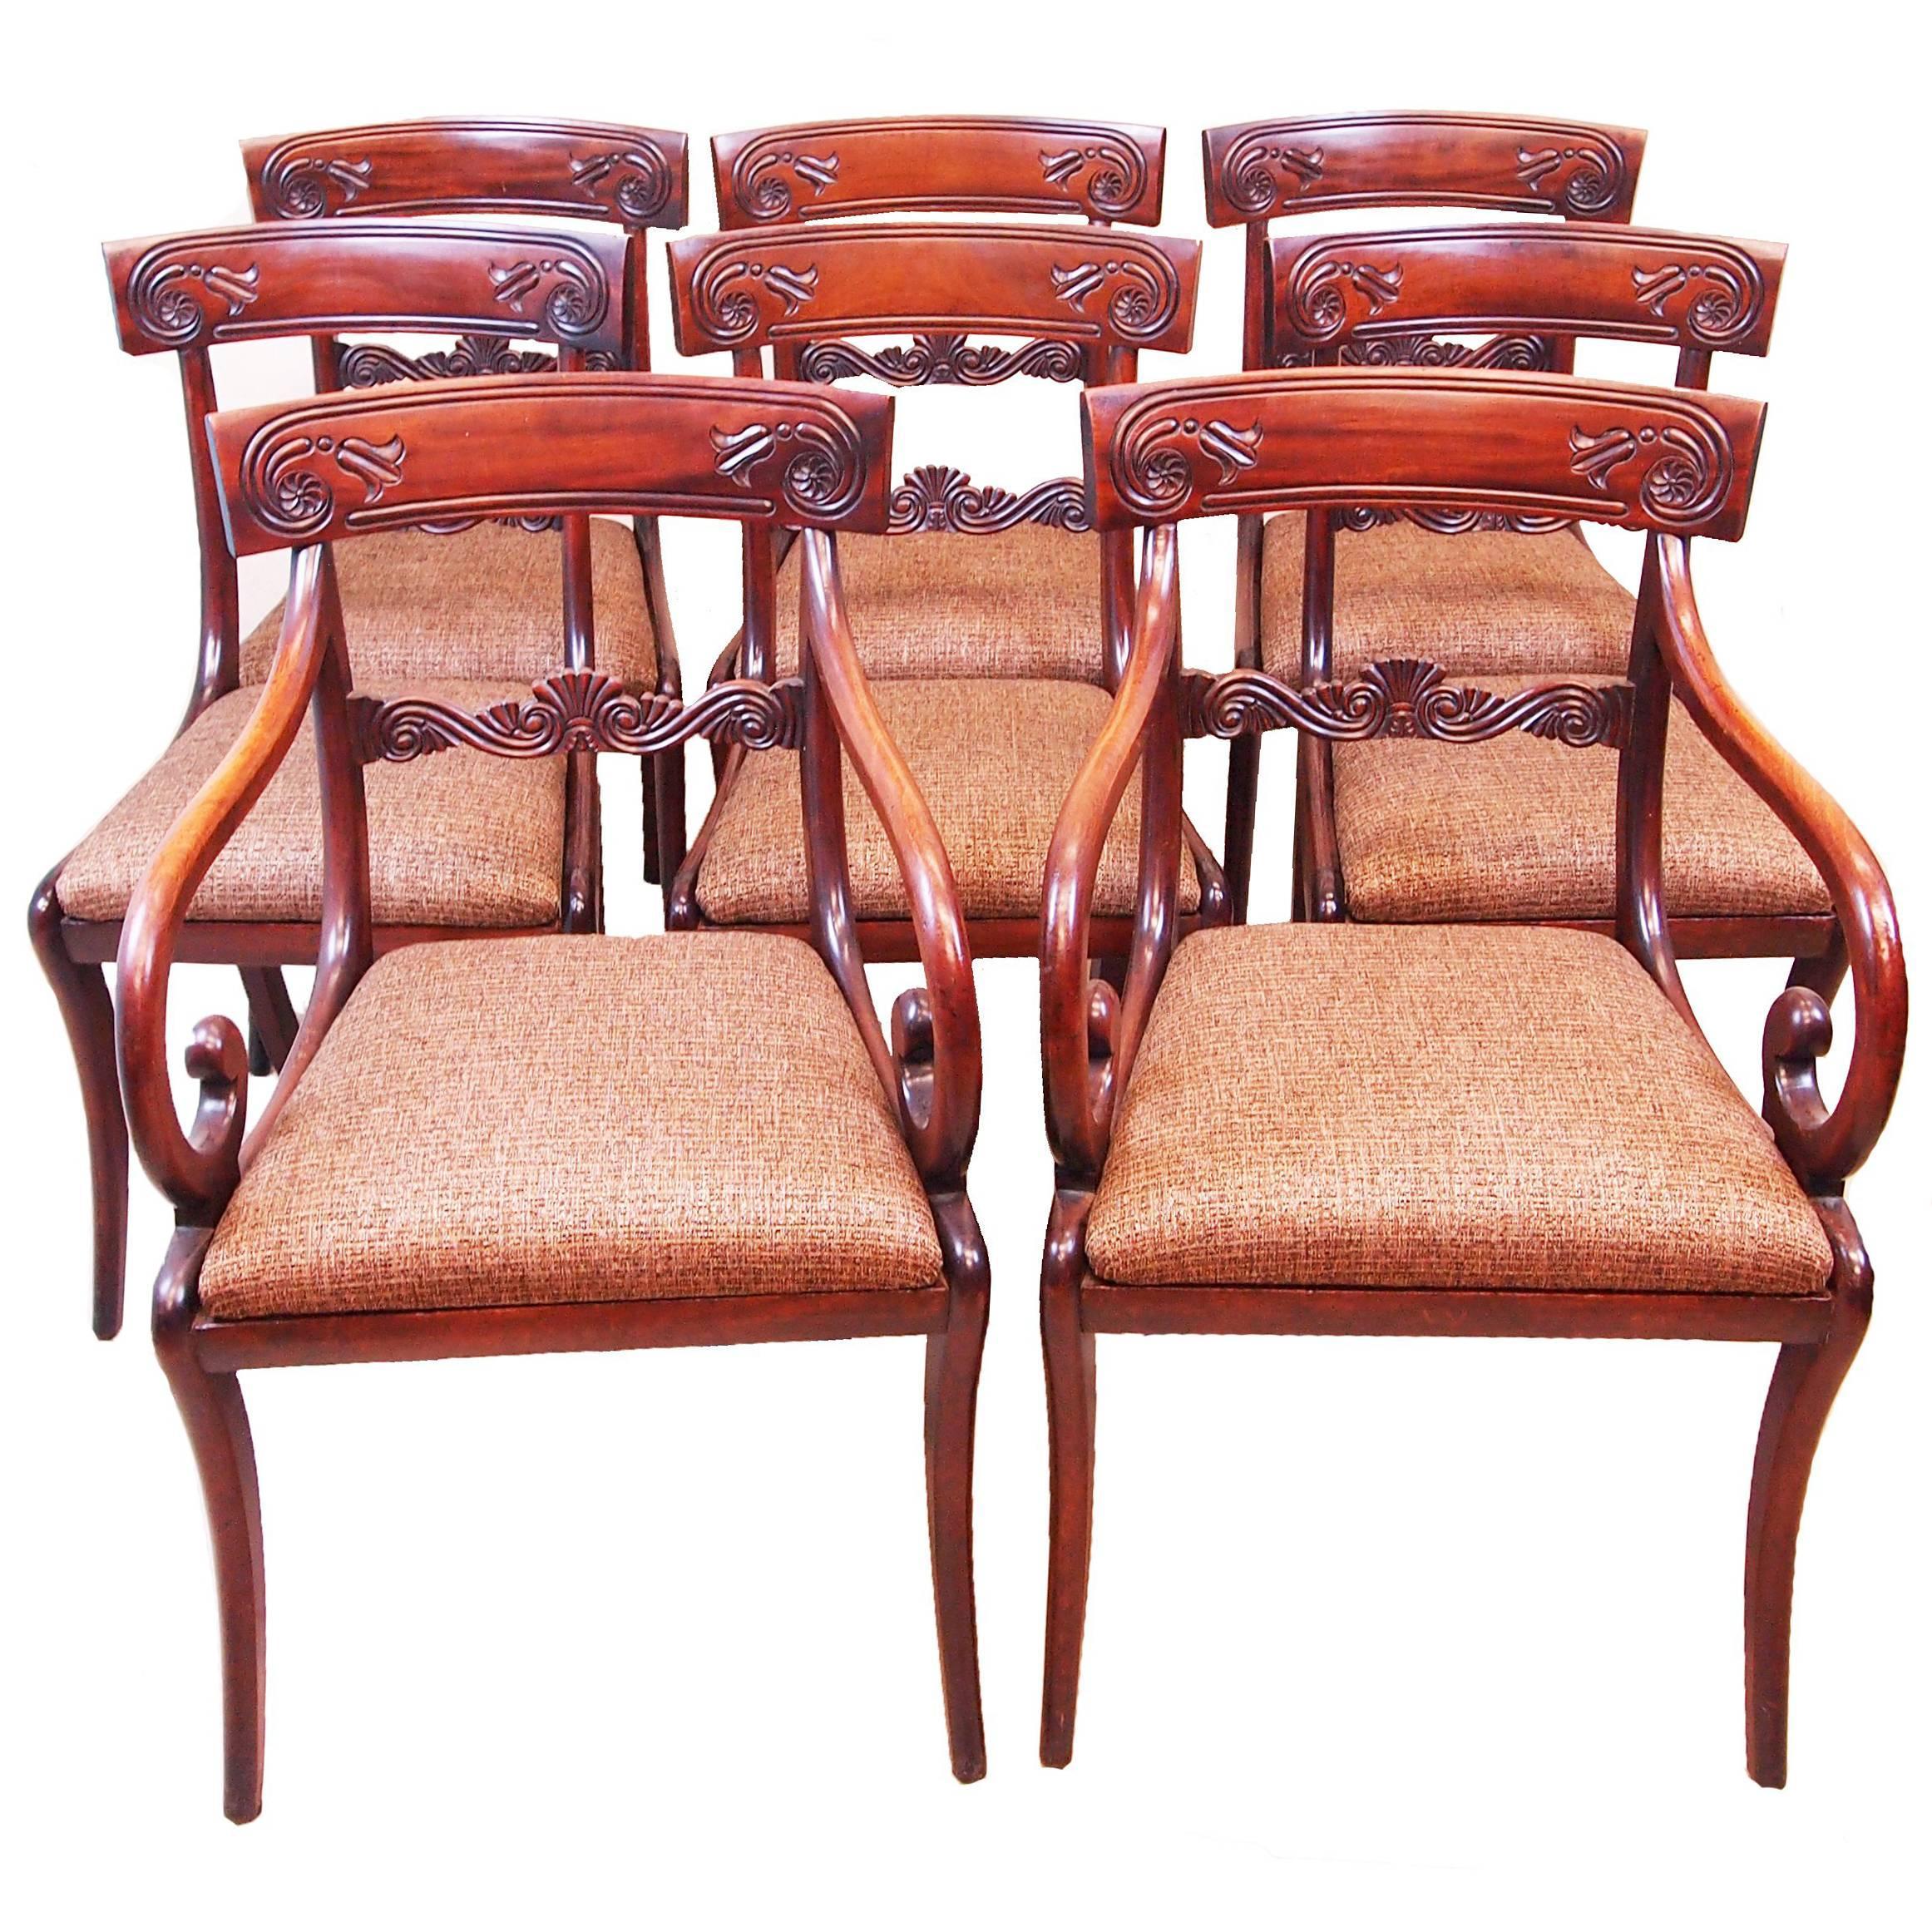 Regency Mahogany Set Of 8 Dining Chairs